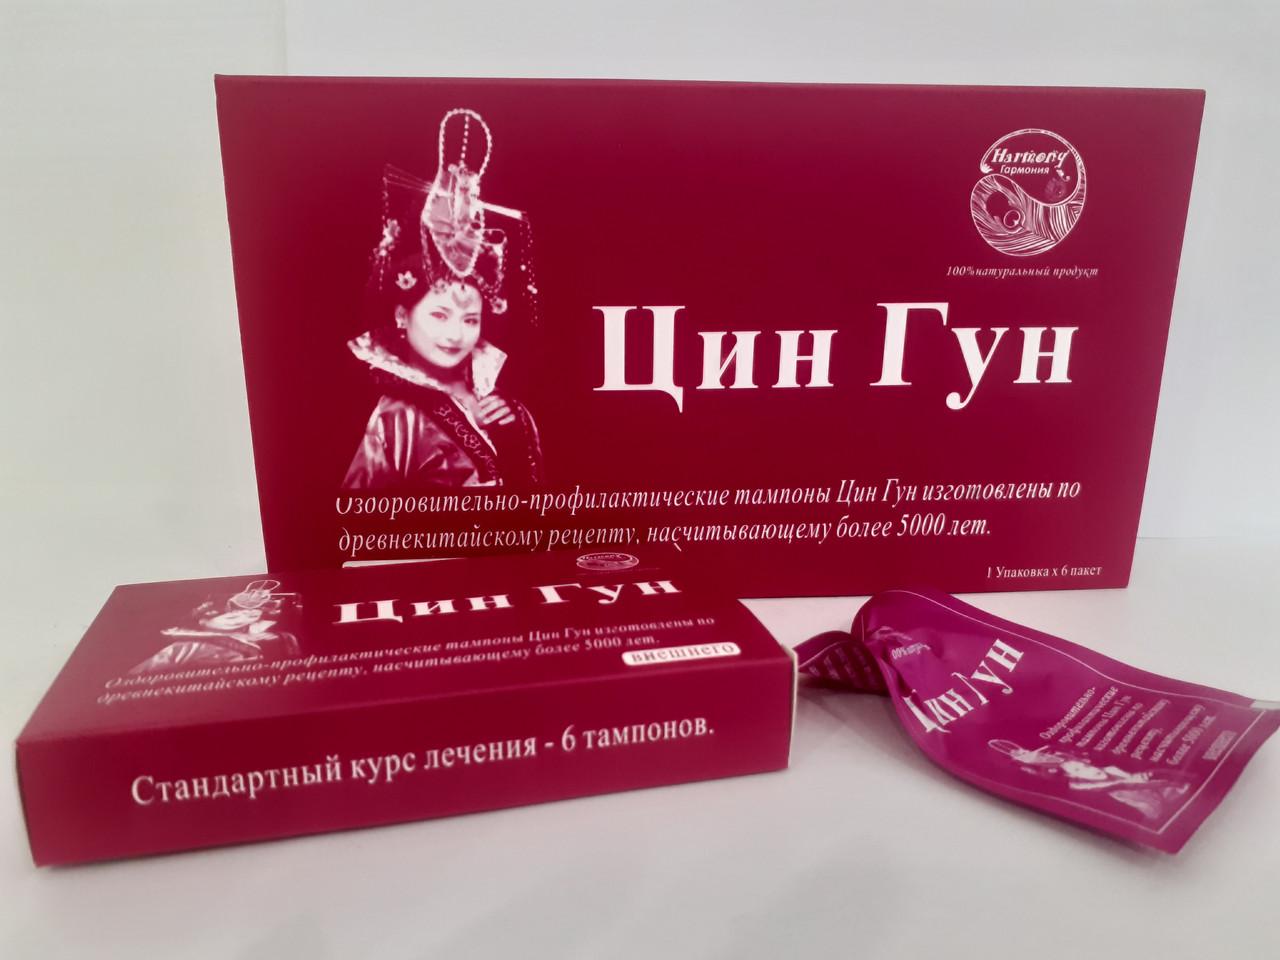 Оздоровительно-профилактические тампоны для женщин Цин Гун 6шт.